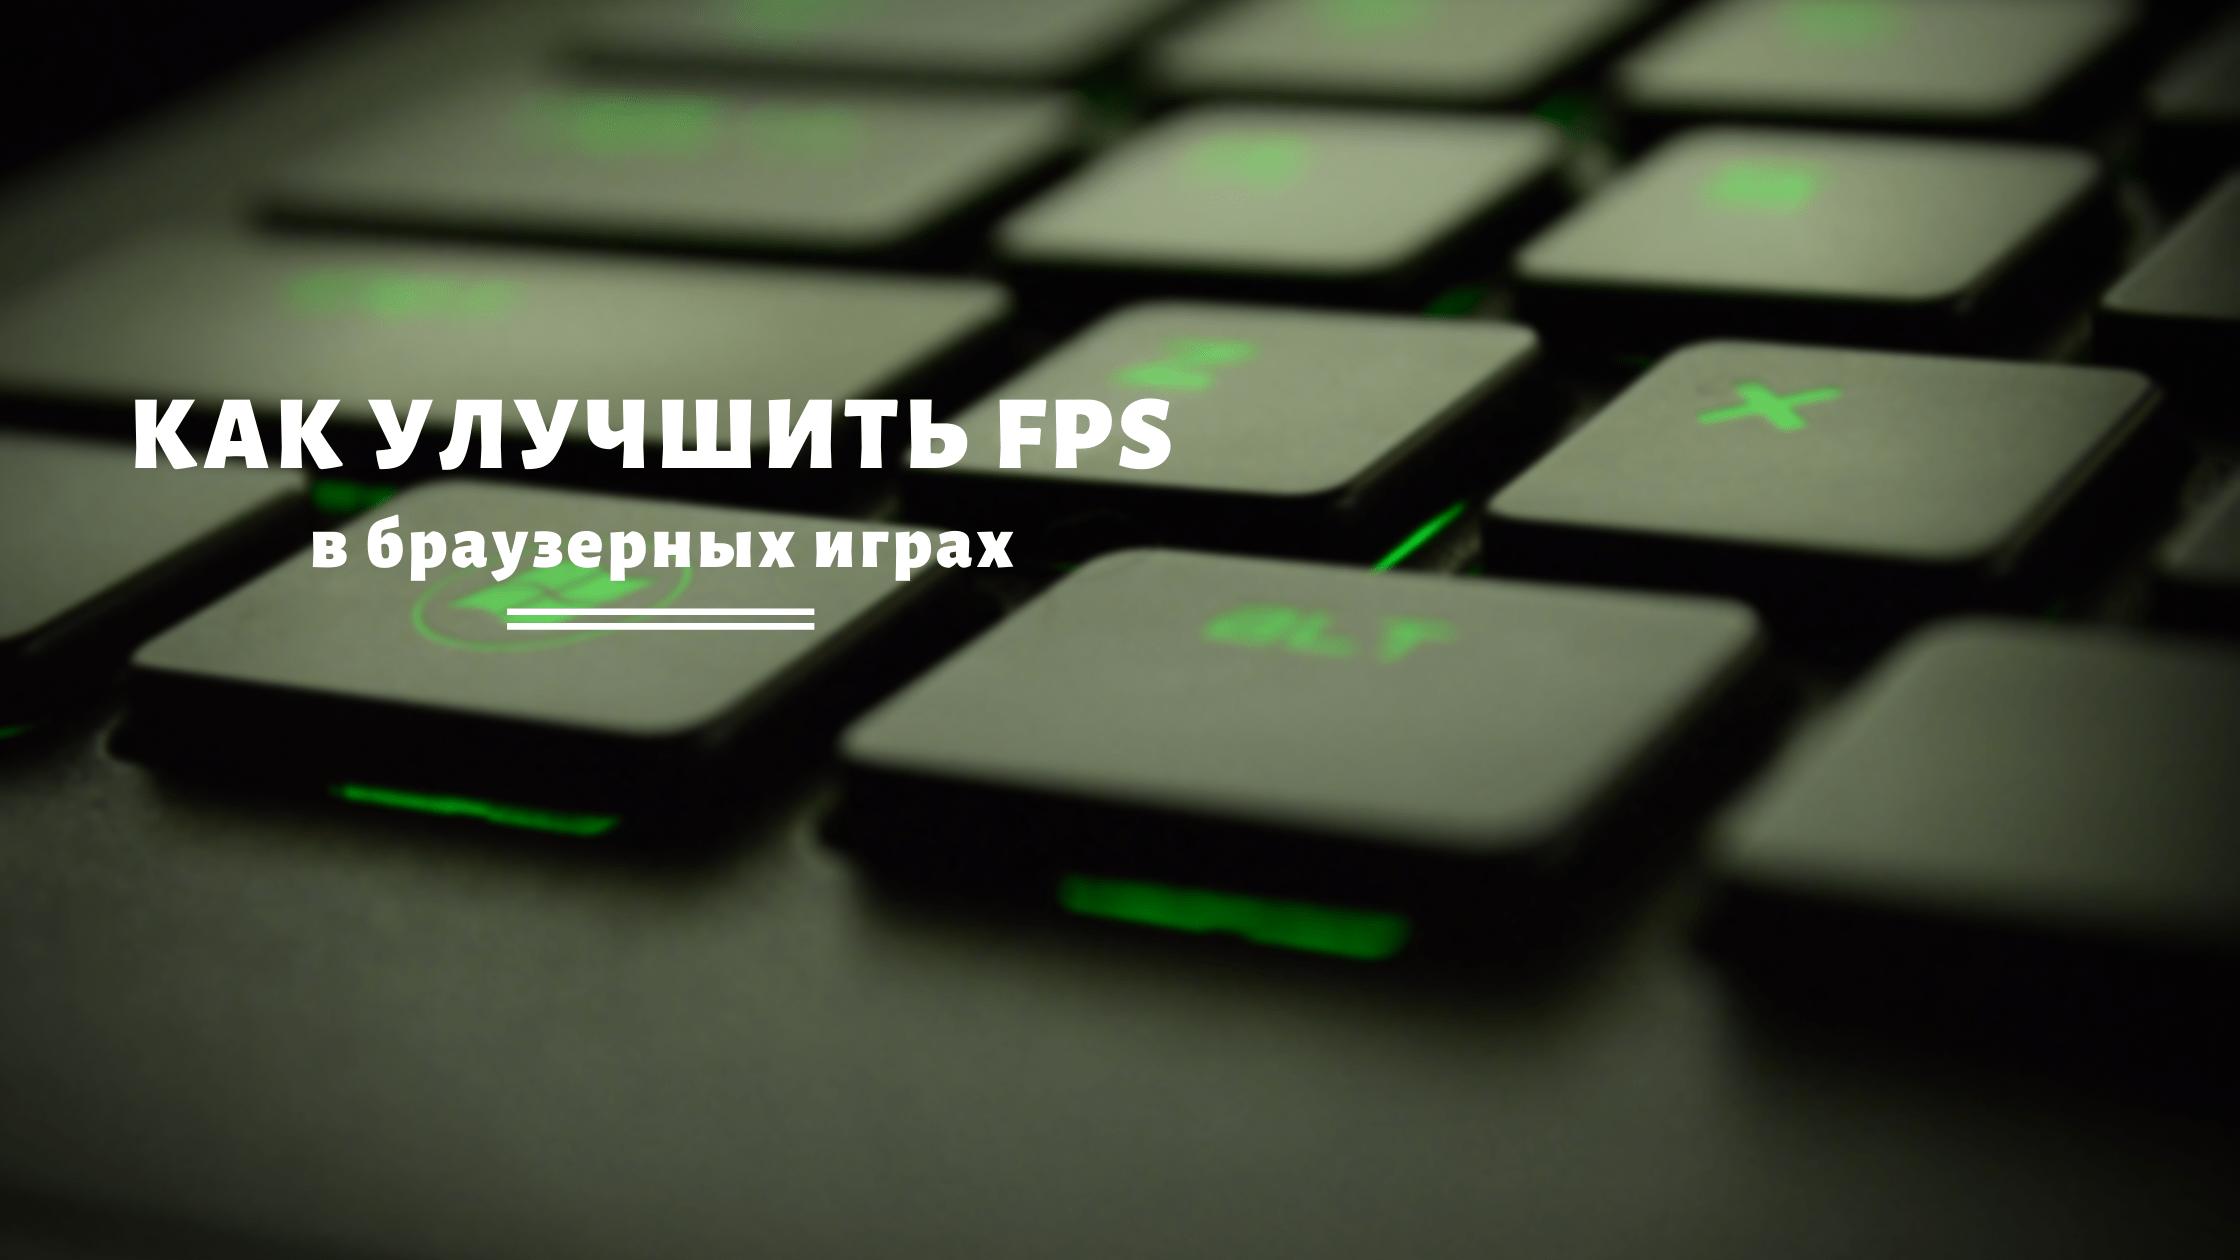 Как улучшить ФПС в браузерных играх